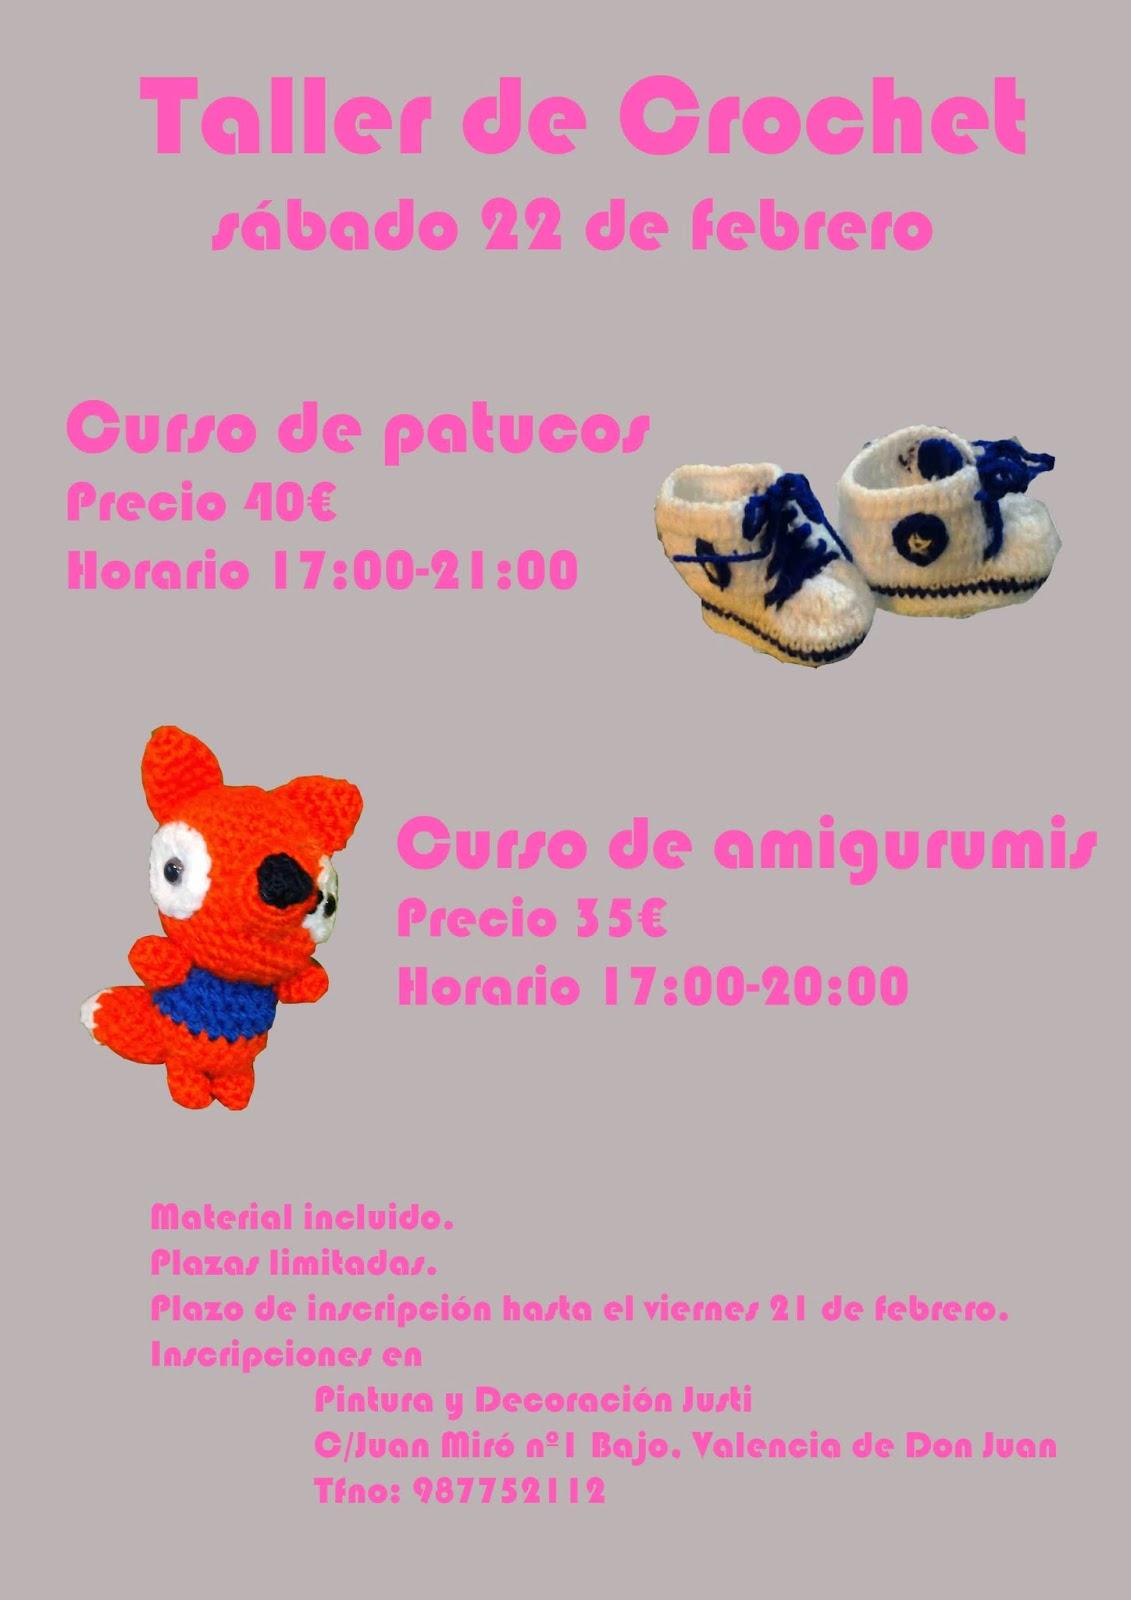 Manualidades La Coyantina Taller De Crochet Amigurumis Y Patucos ~ Cursos De Manualidades En Valencia